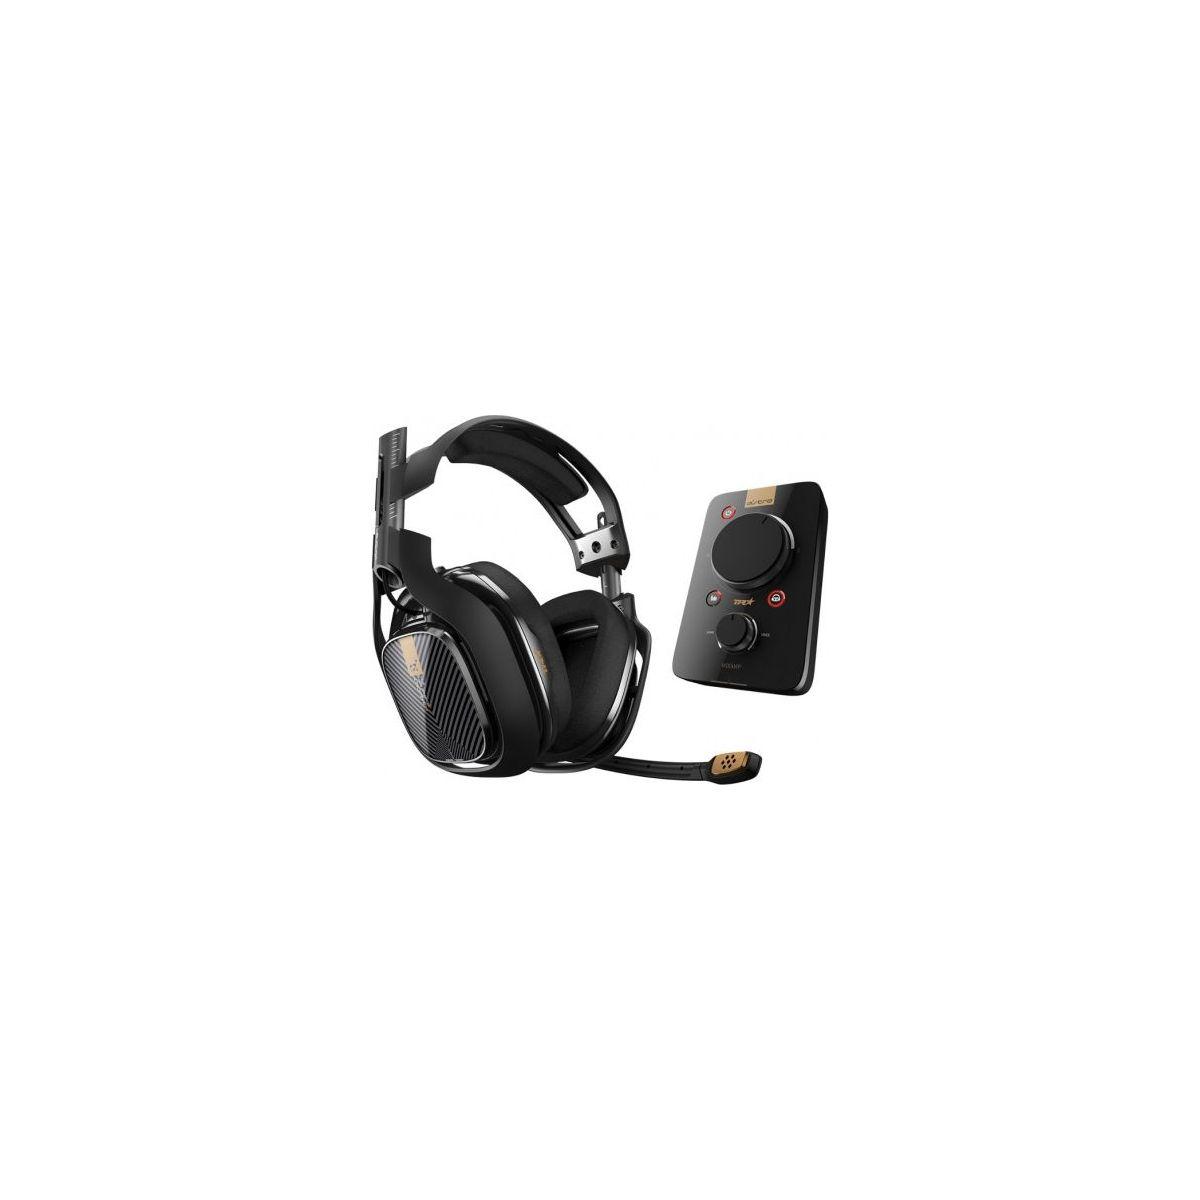 Casque gamer ASTRO A40 TR + MixAmp Pro TR Noir PS4